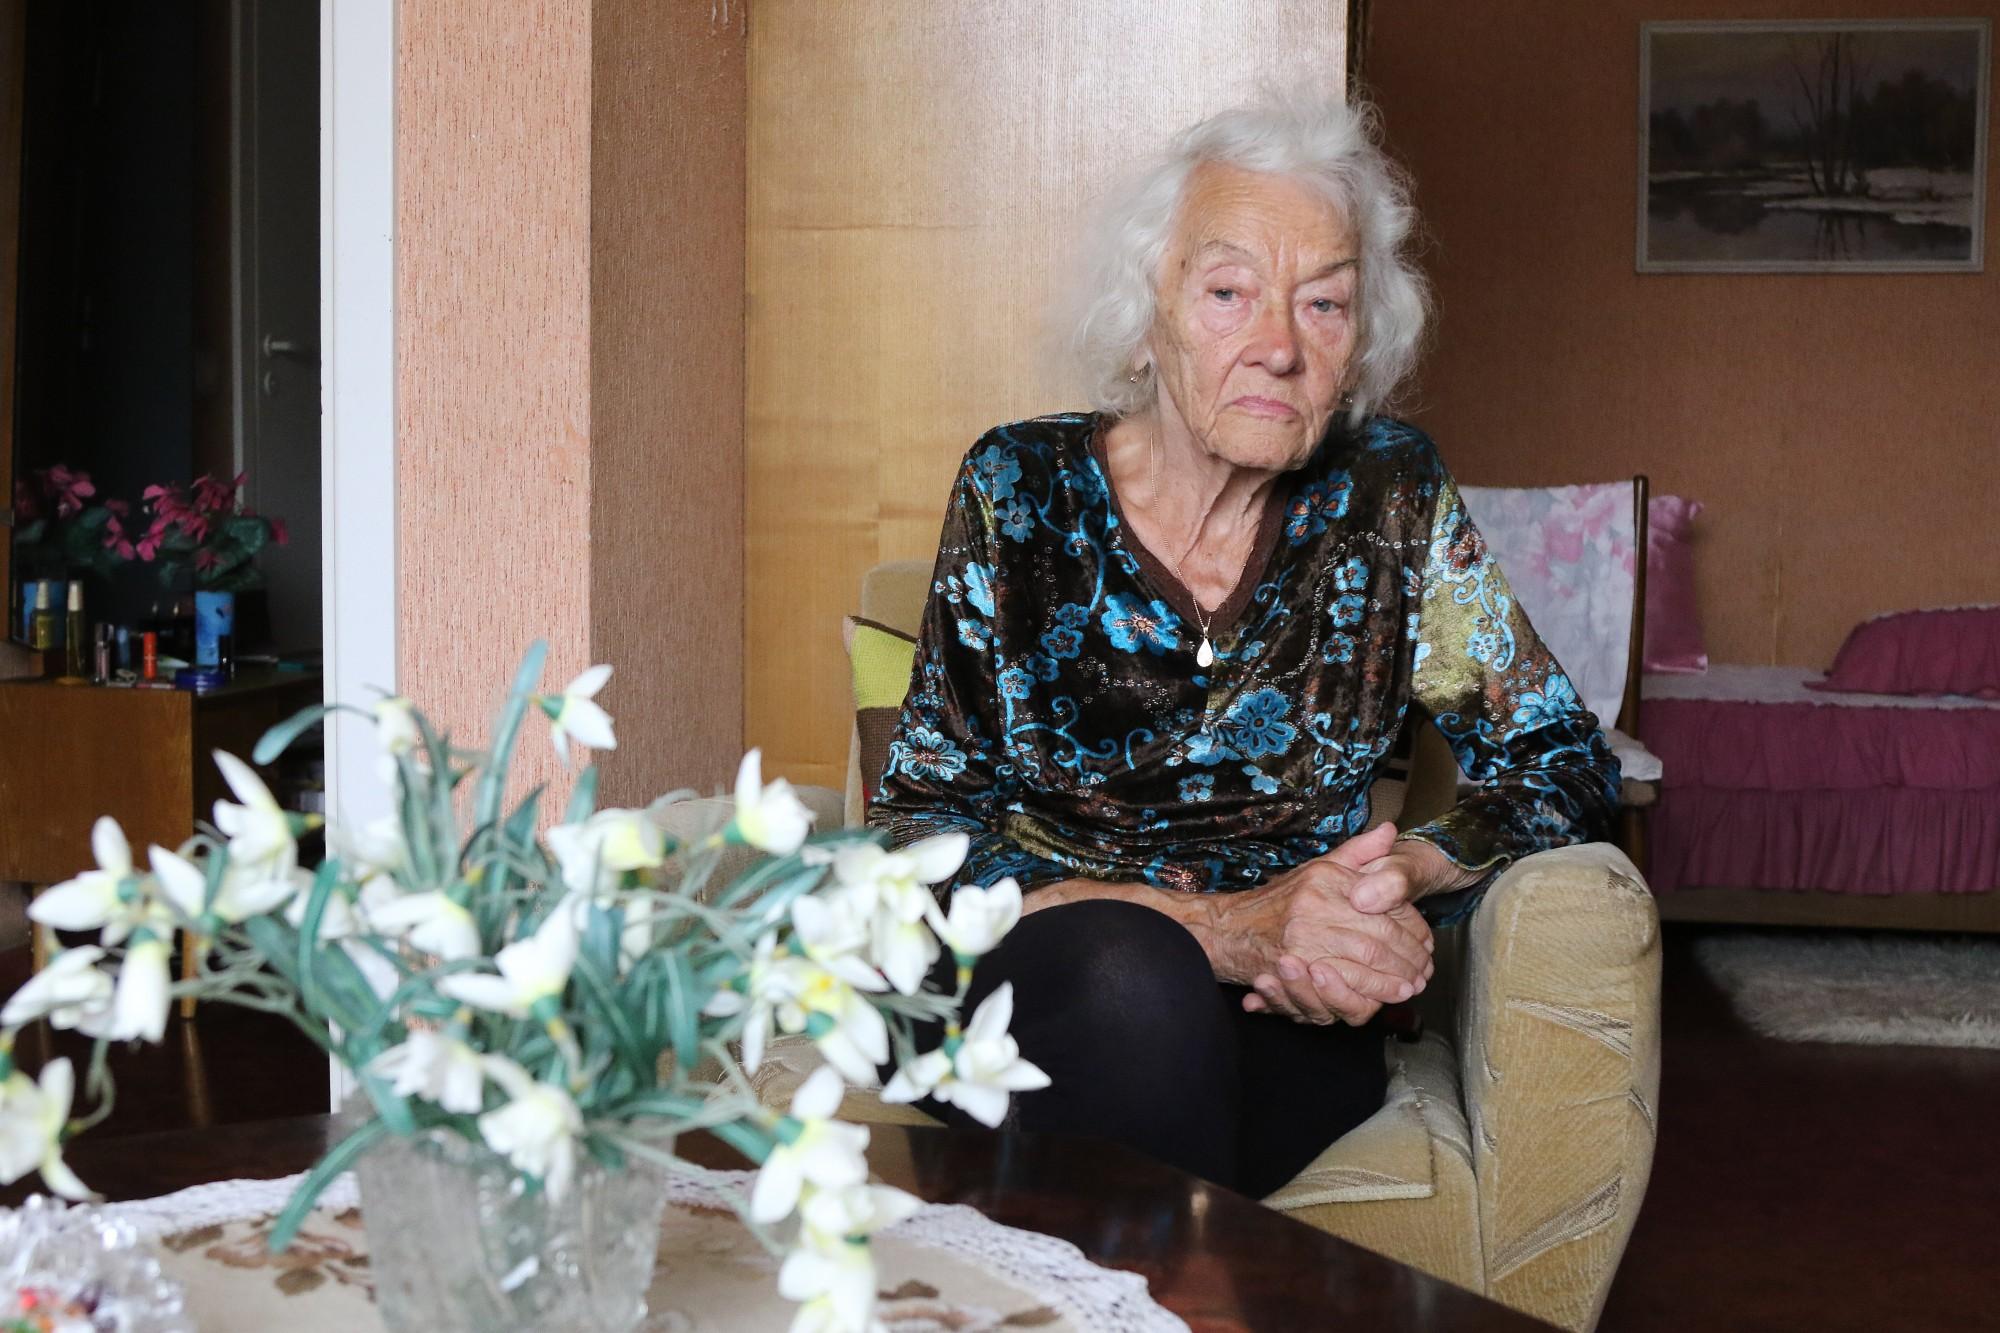 Ko pensionāriem nozīmē pensijas piegādes maksas paaugstināšana